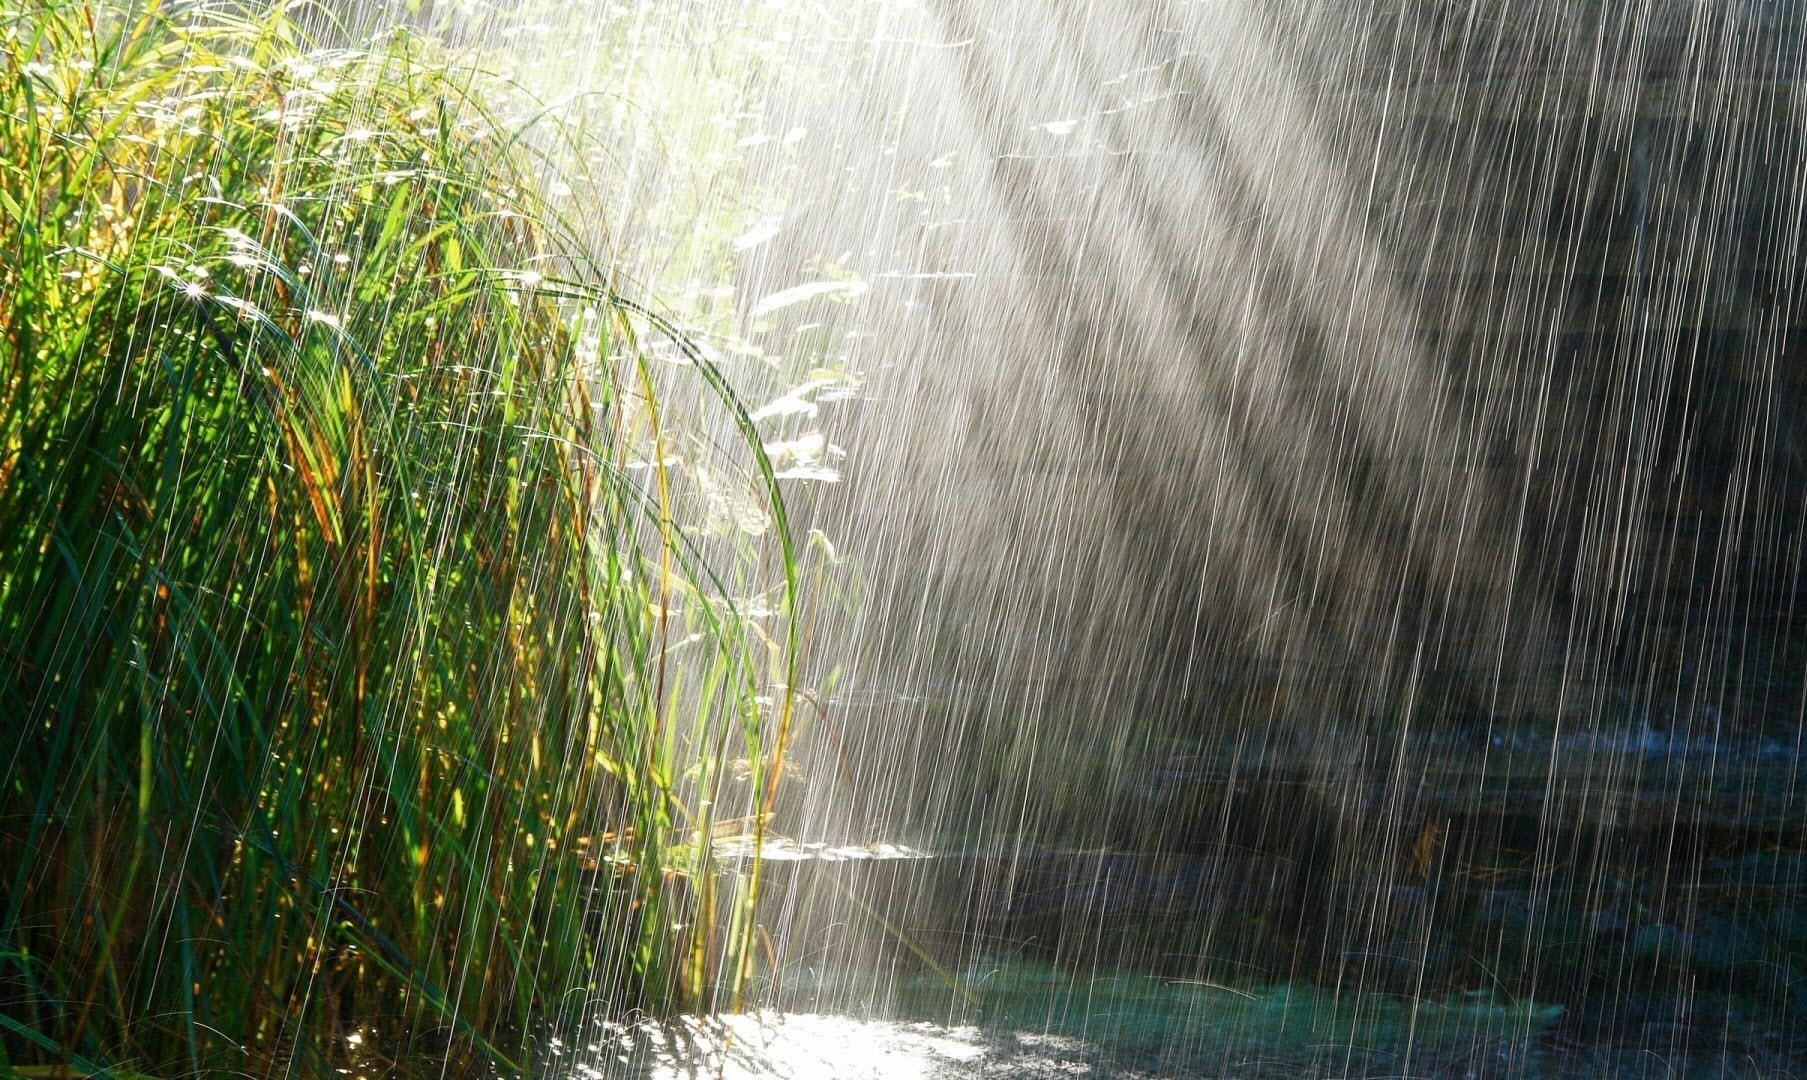 Những hình ảnh về trời mưa